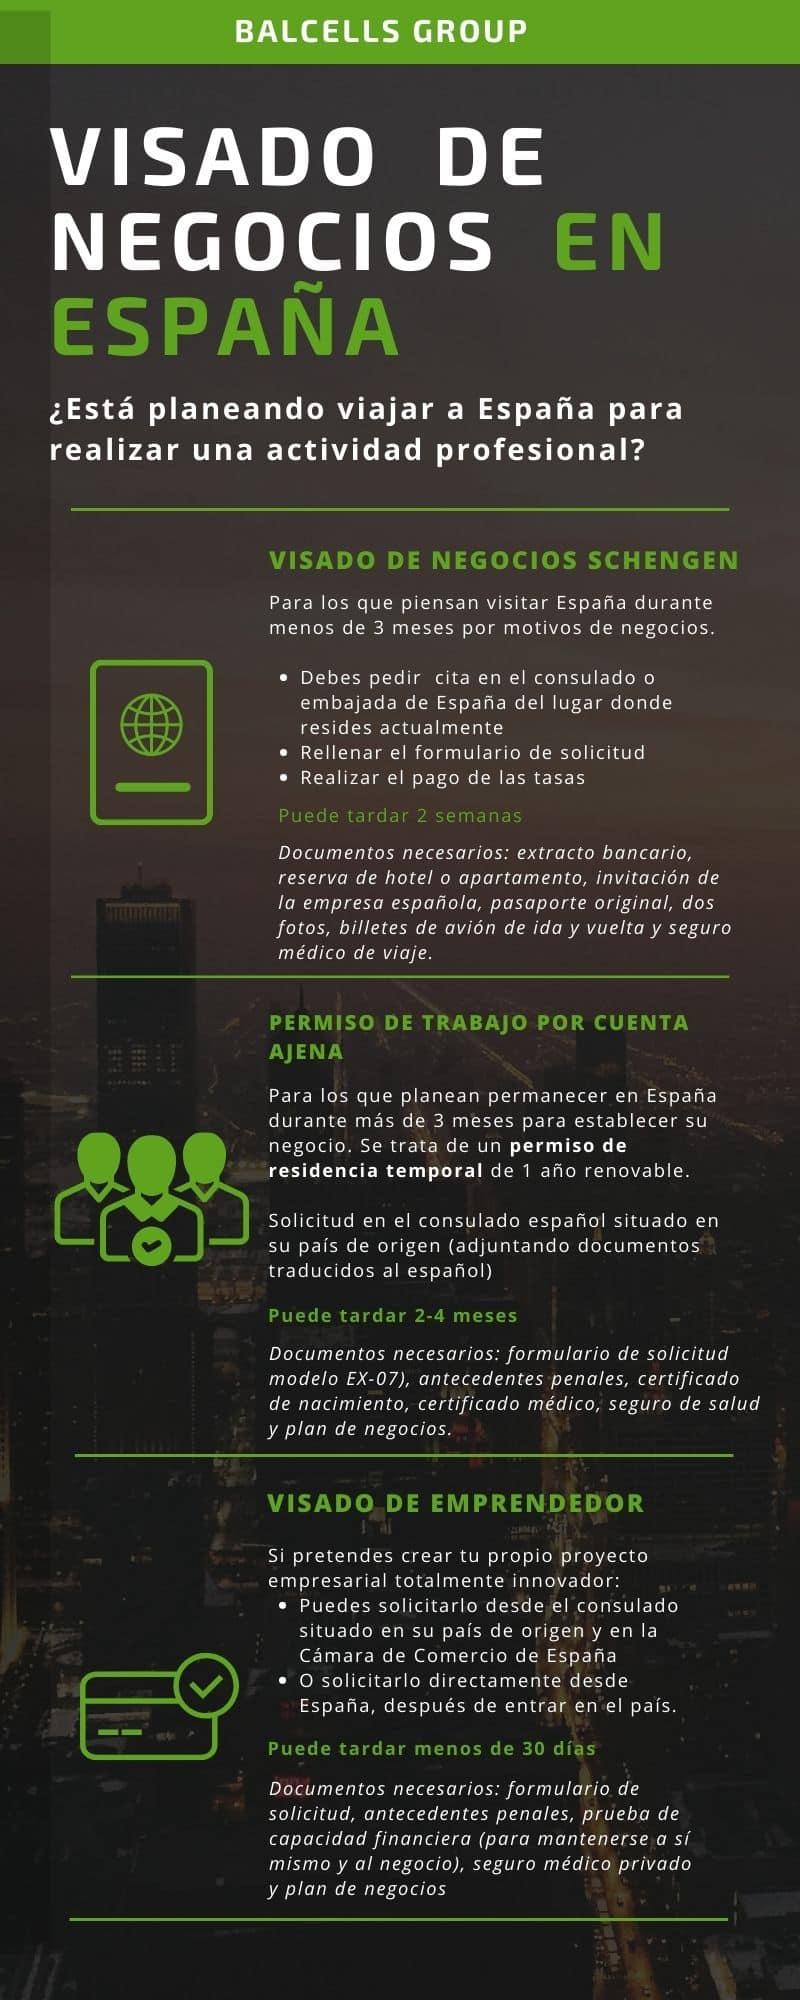 requisitos visado negocios espana